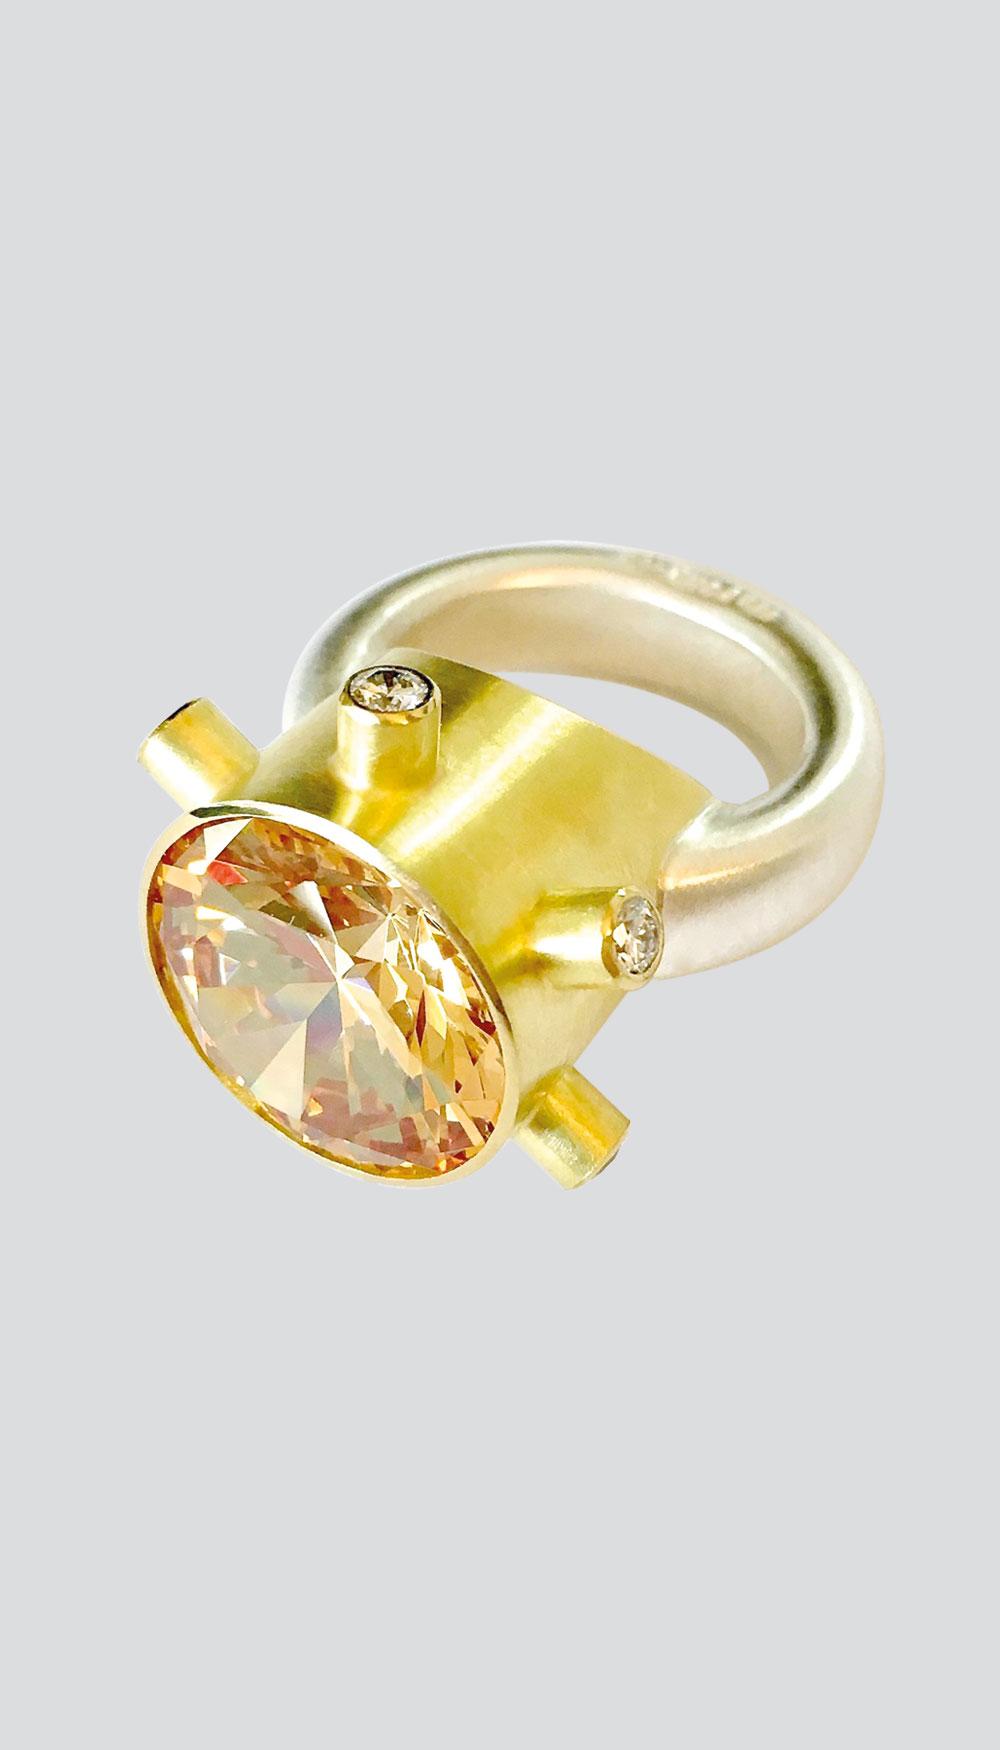 Goldener Ring mit bernsteinfarbenem Stein von Thomas Pohl